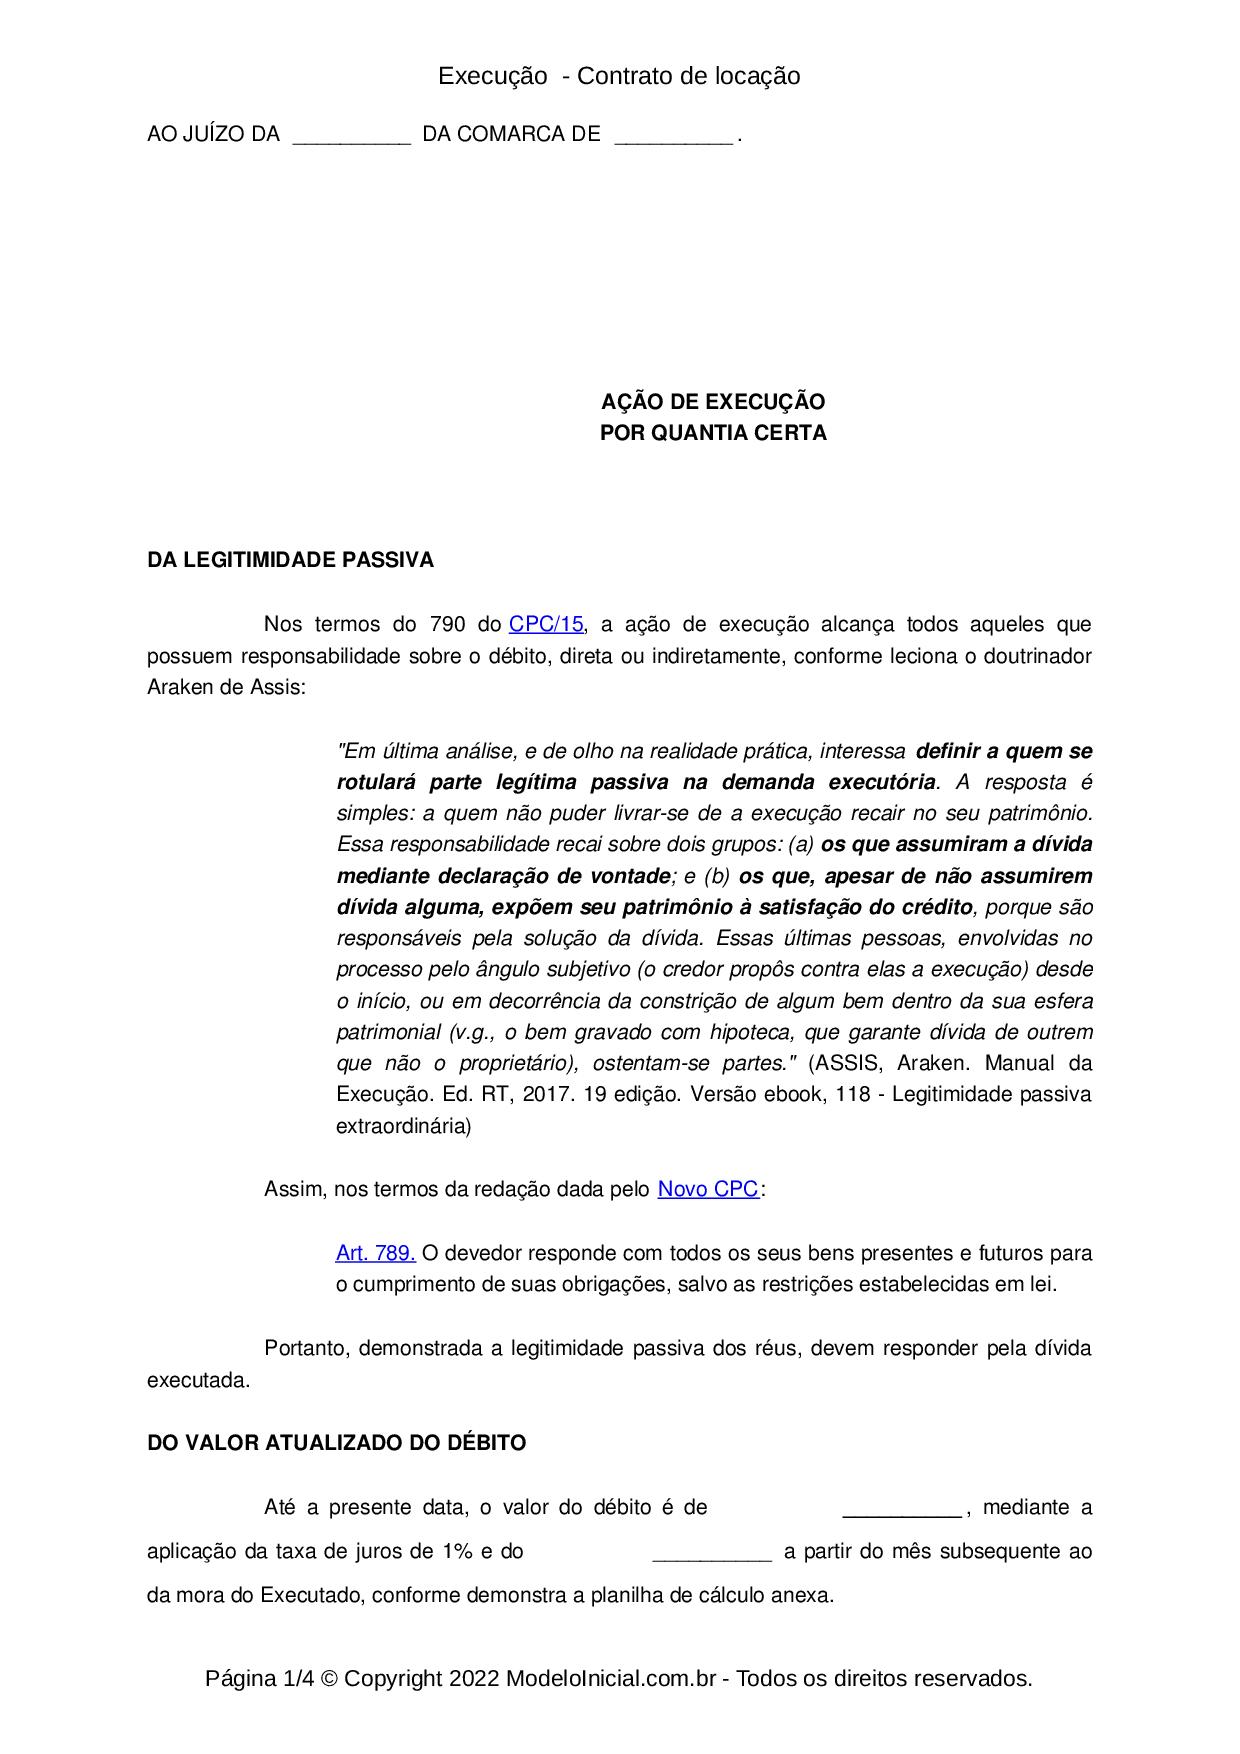 Modelo Execução Título Extrajudicial Contrato De Locação